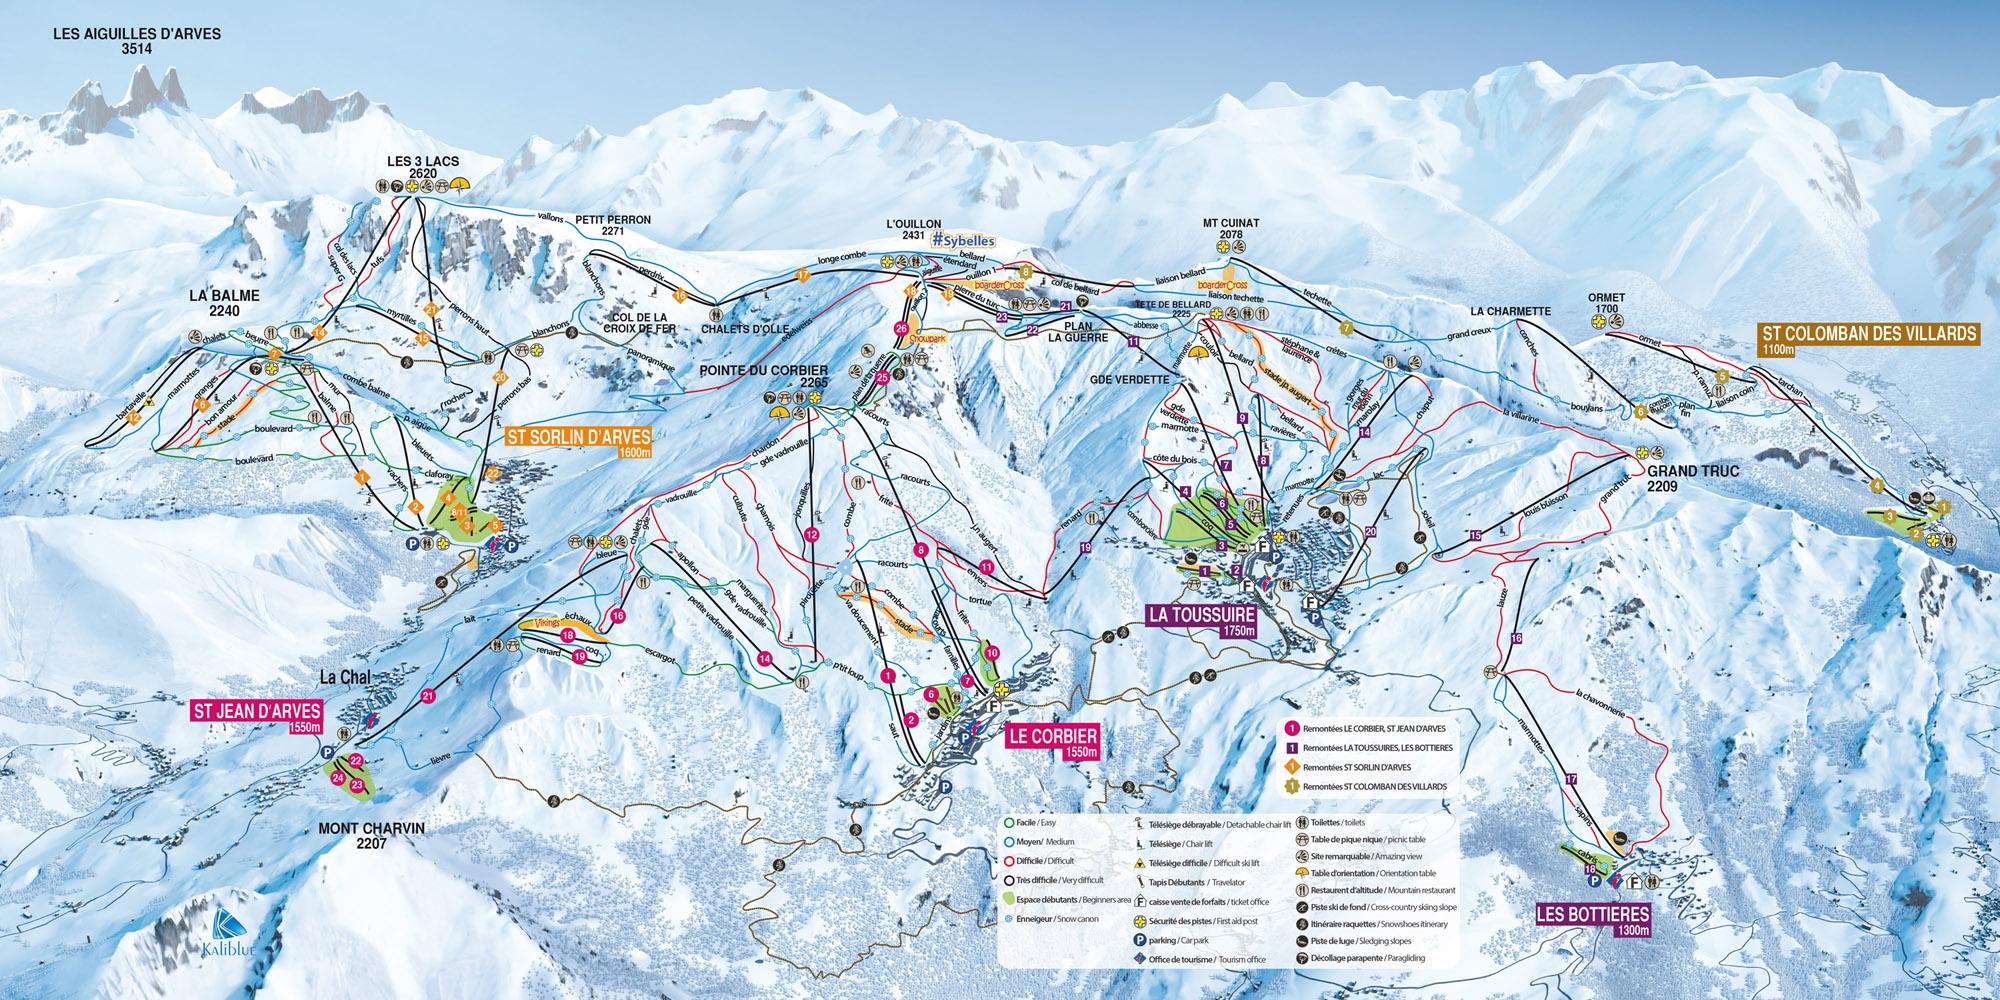 Saint-Sorlin d'Arves (Les Sybelles) Piste / Trail Map